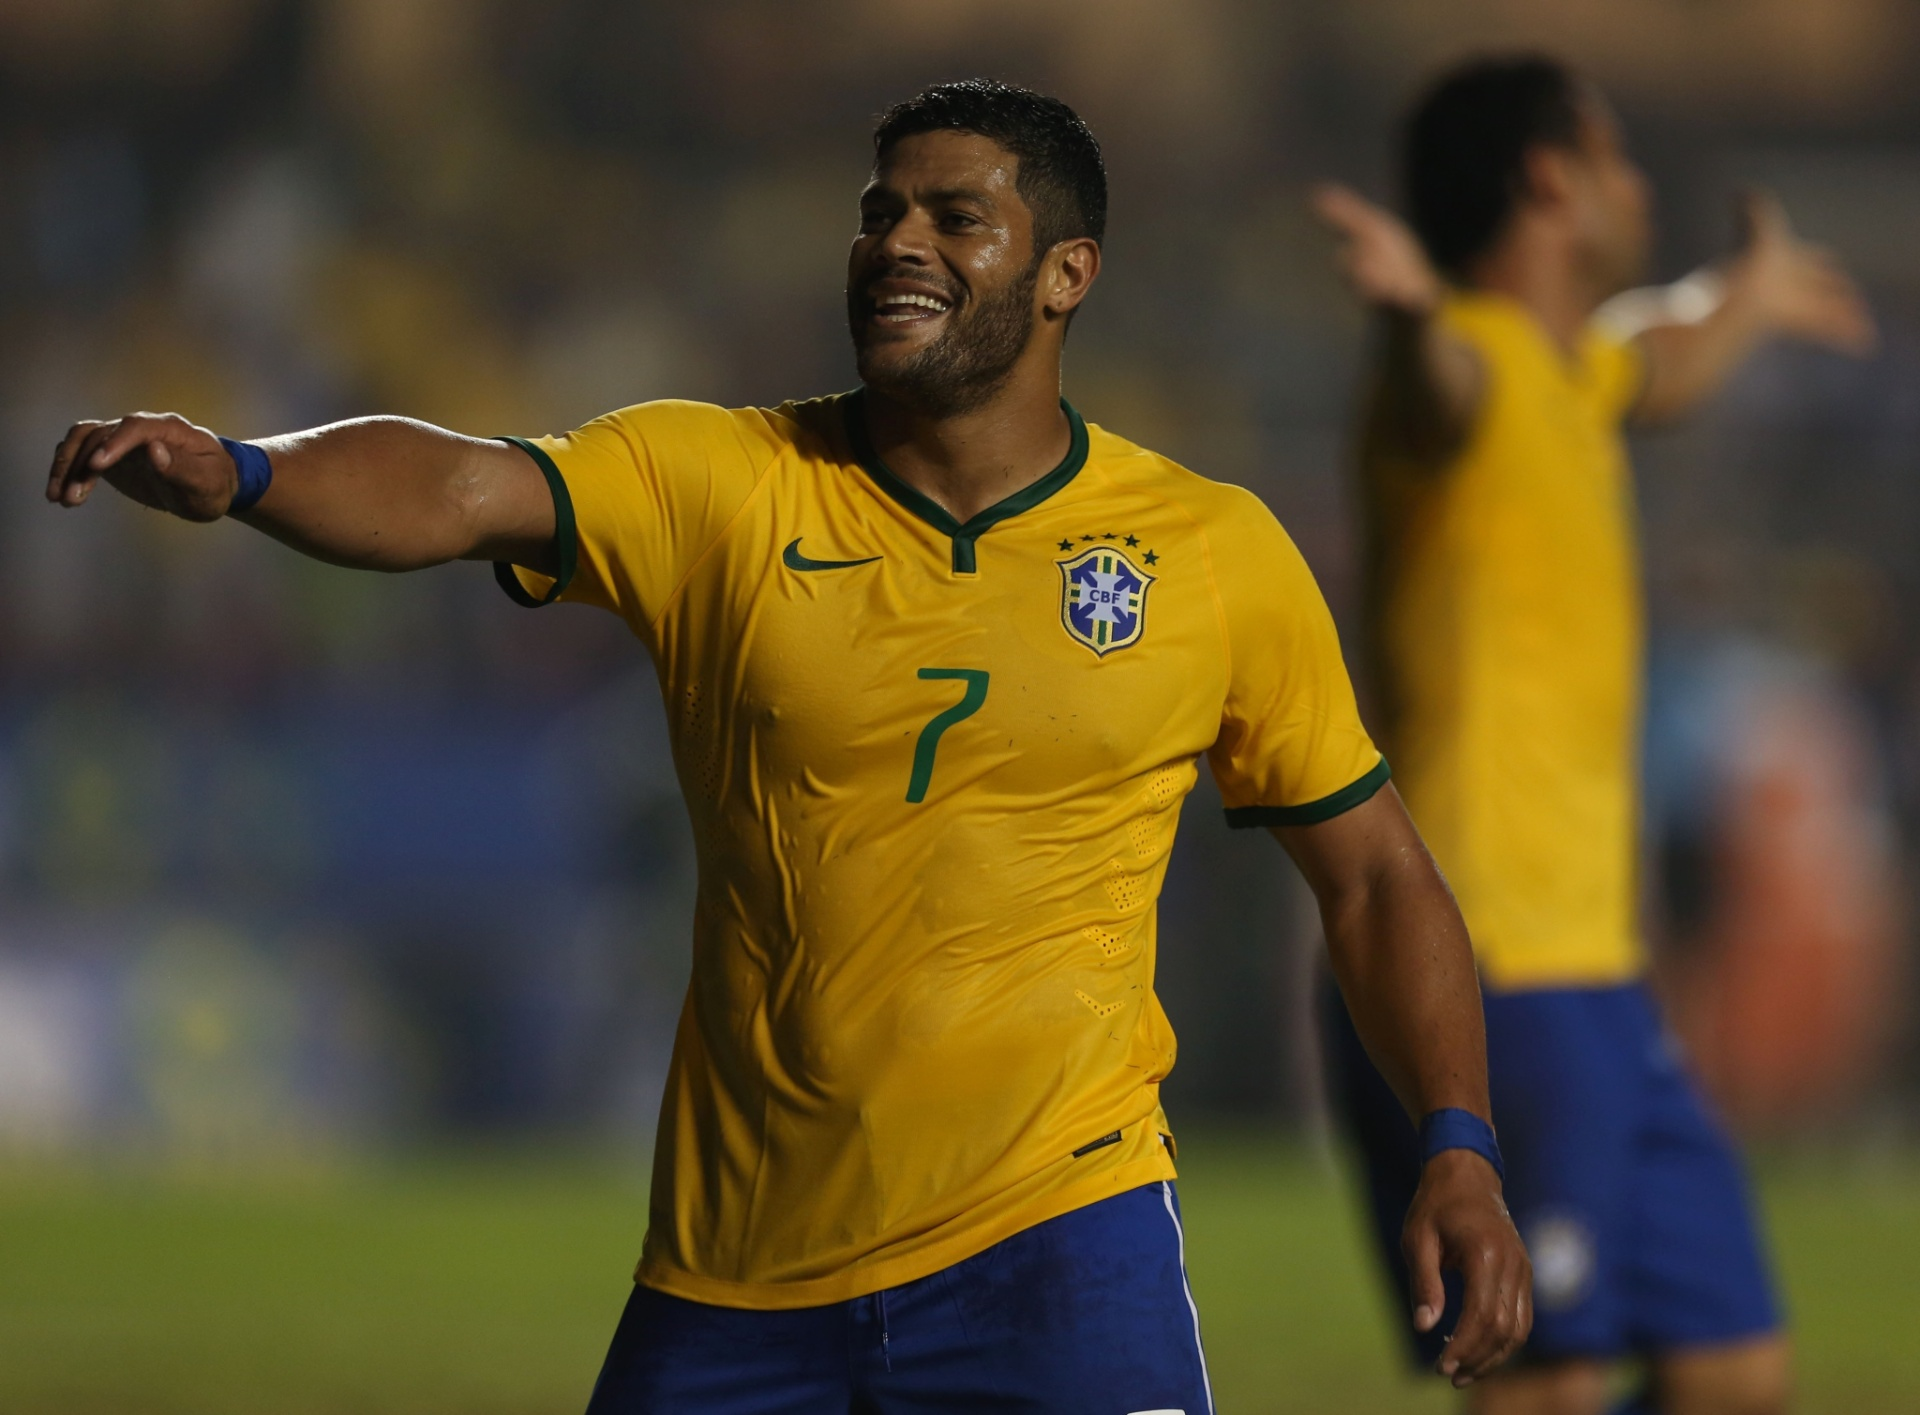 - hulk-reage-apos-ter-gol-anulado-em-partida-amistosa-entre-brasil-e-servia-no-morumbi-1402090524591_1920x1415